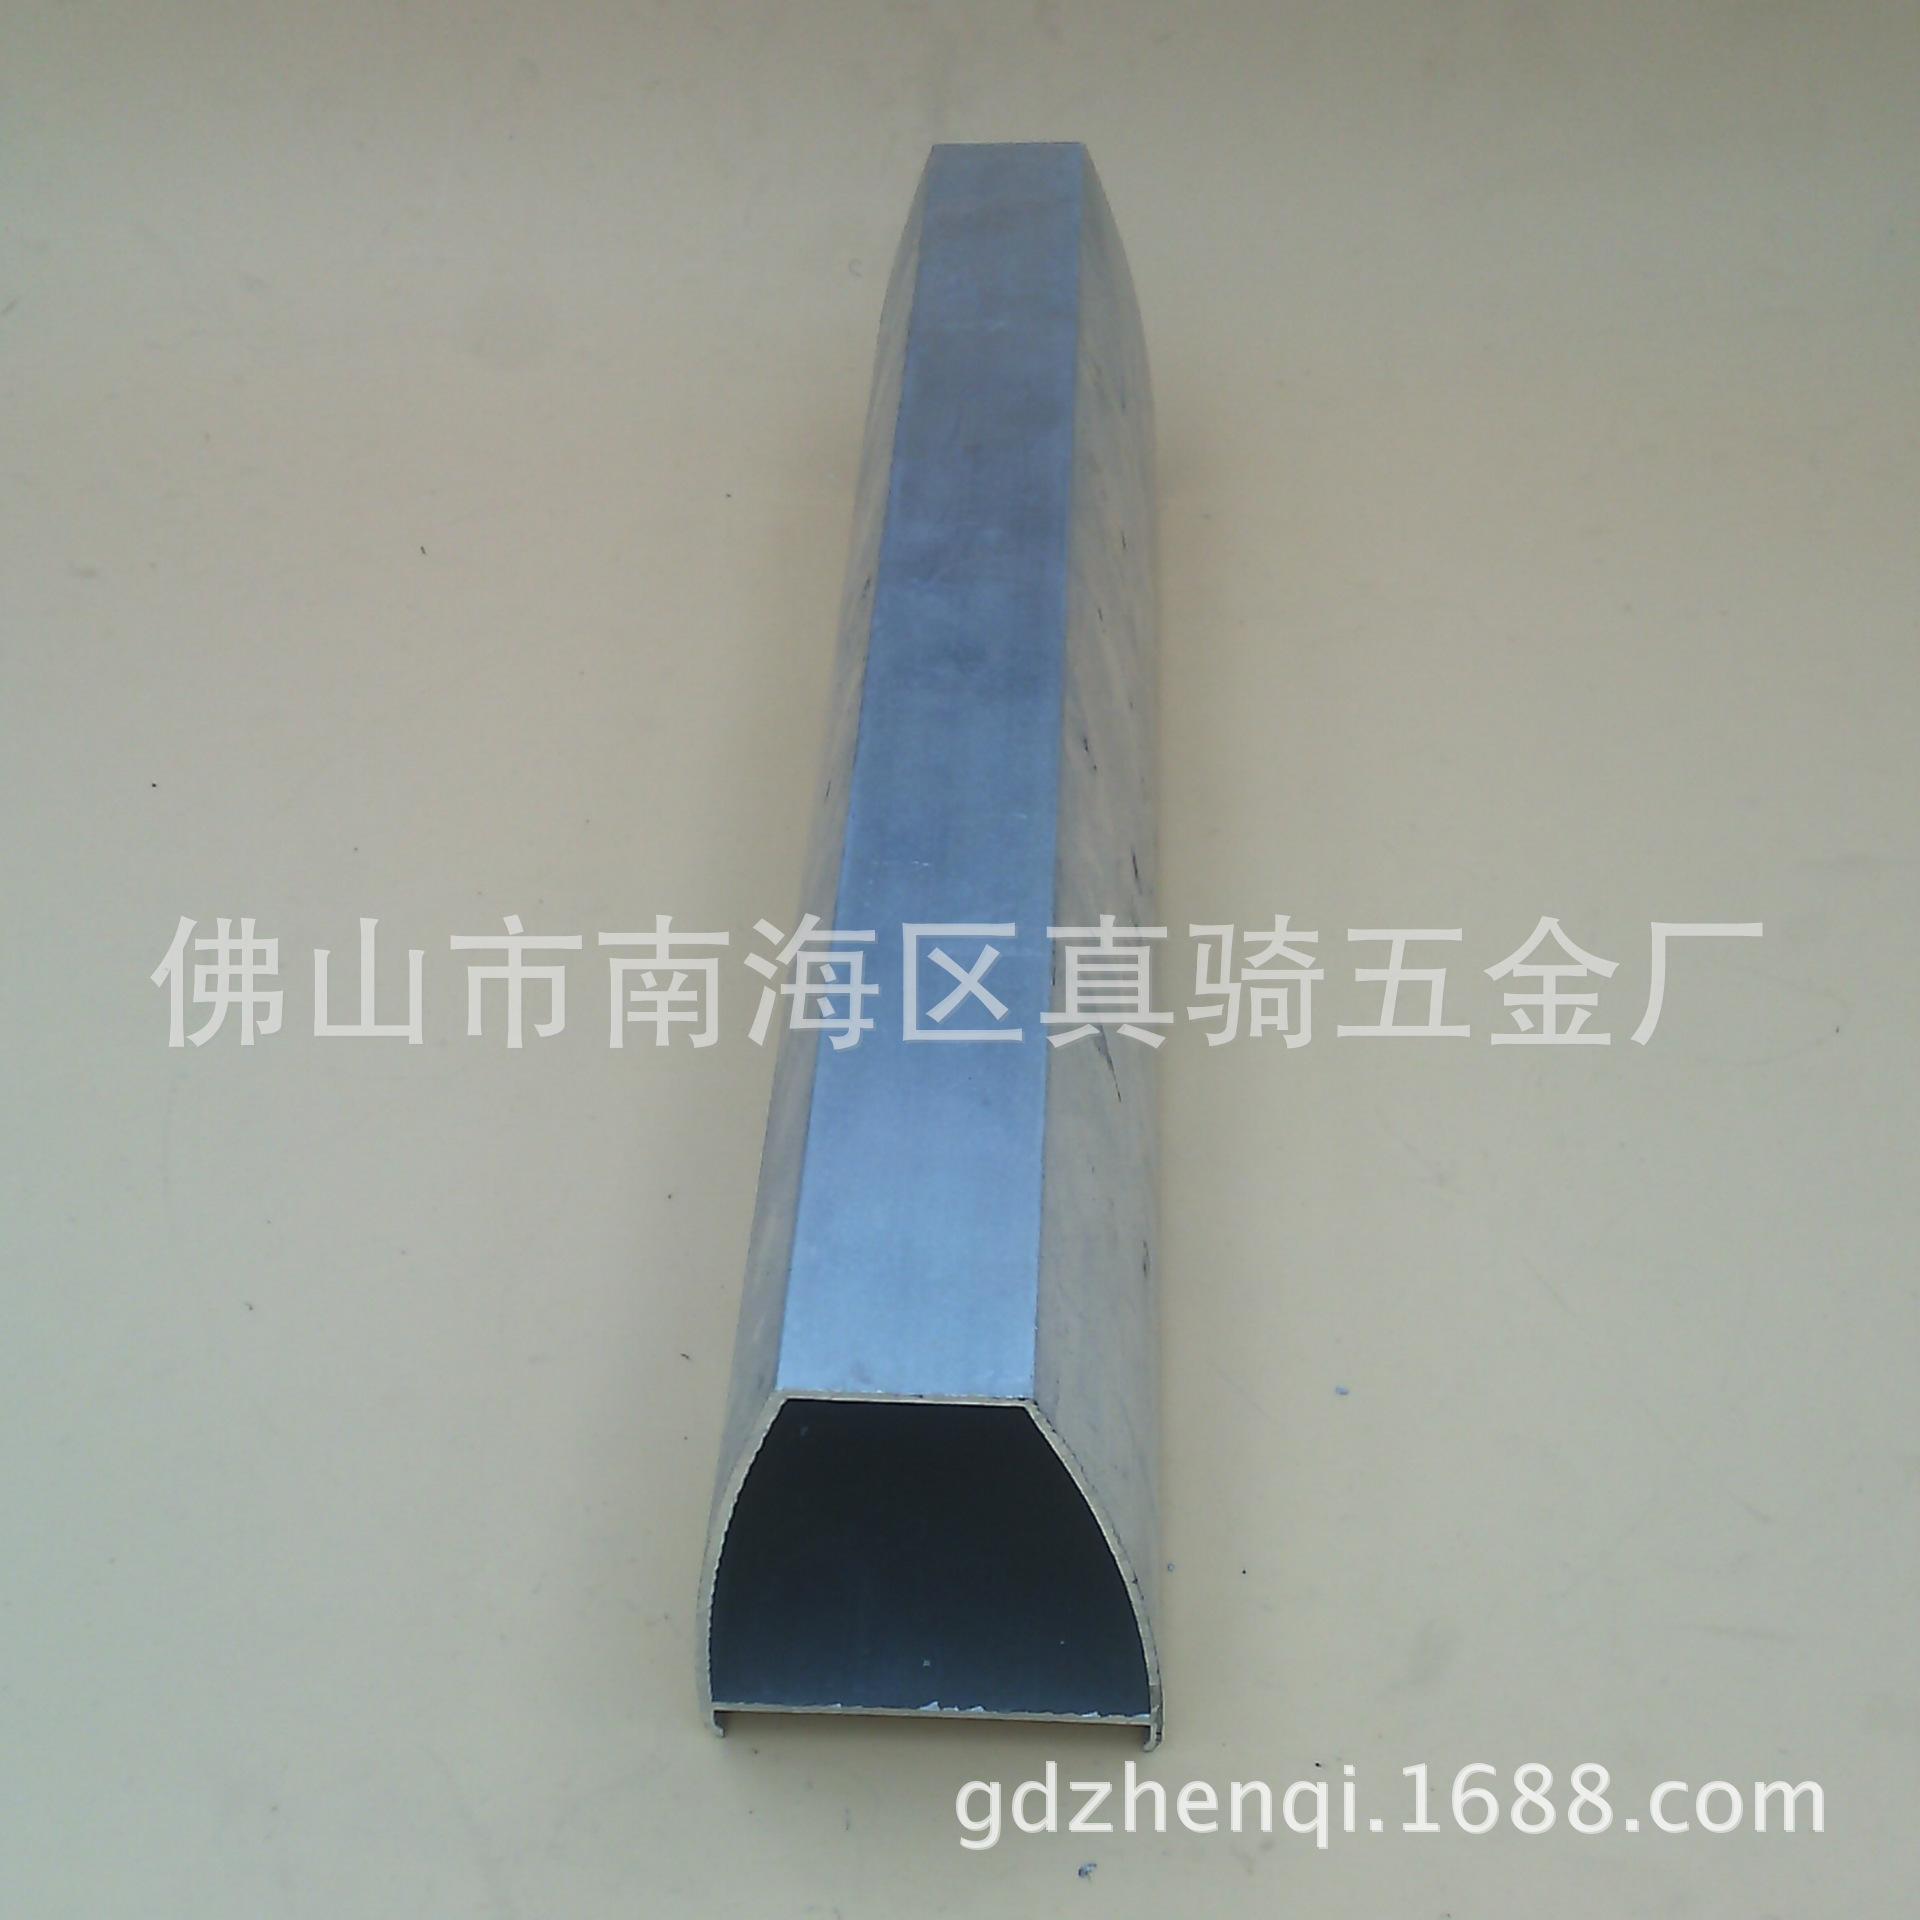 厂家直销梯形铝型材,音响音柱外壳铝型材,小音箱外壳铝型